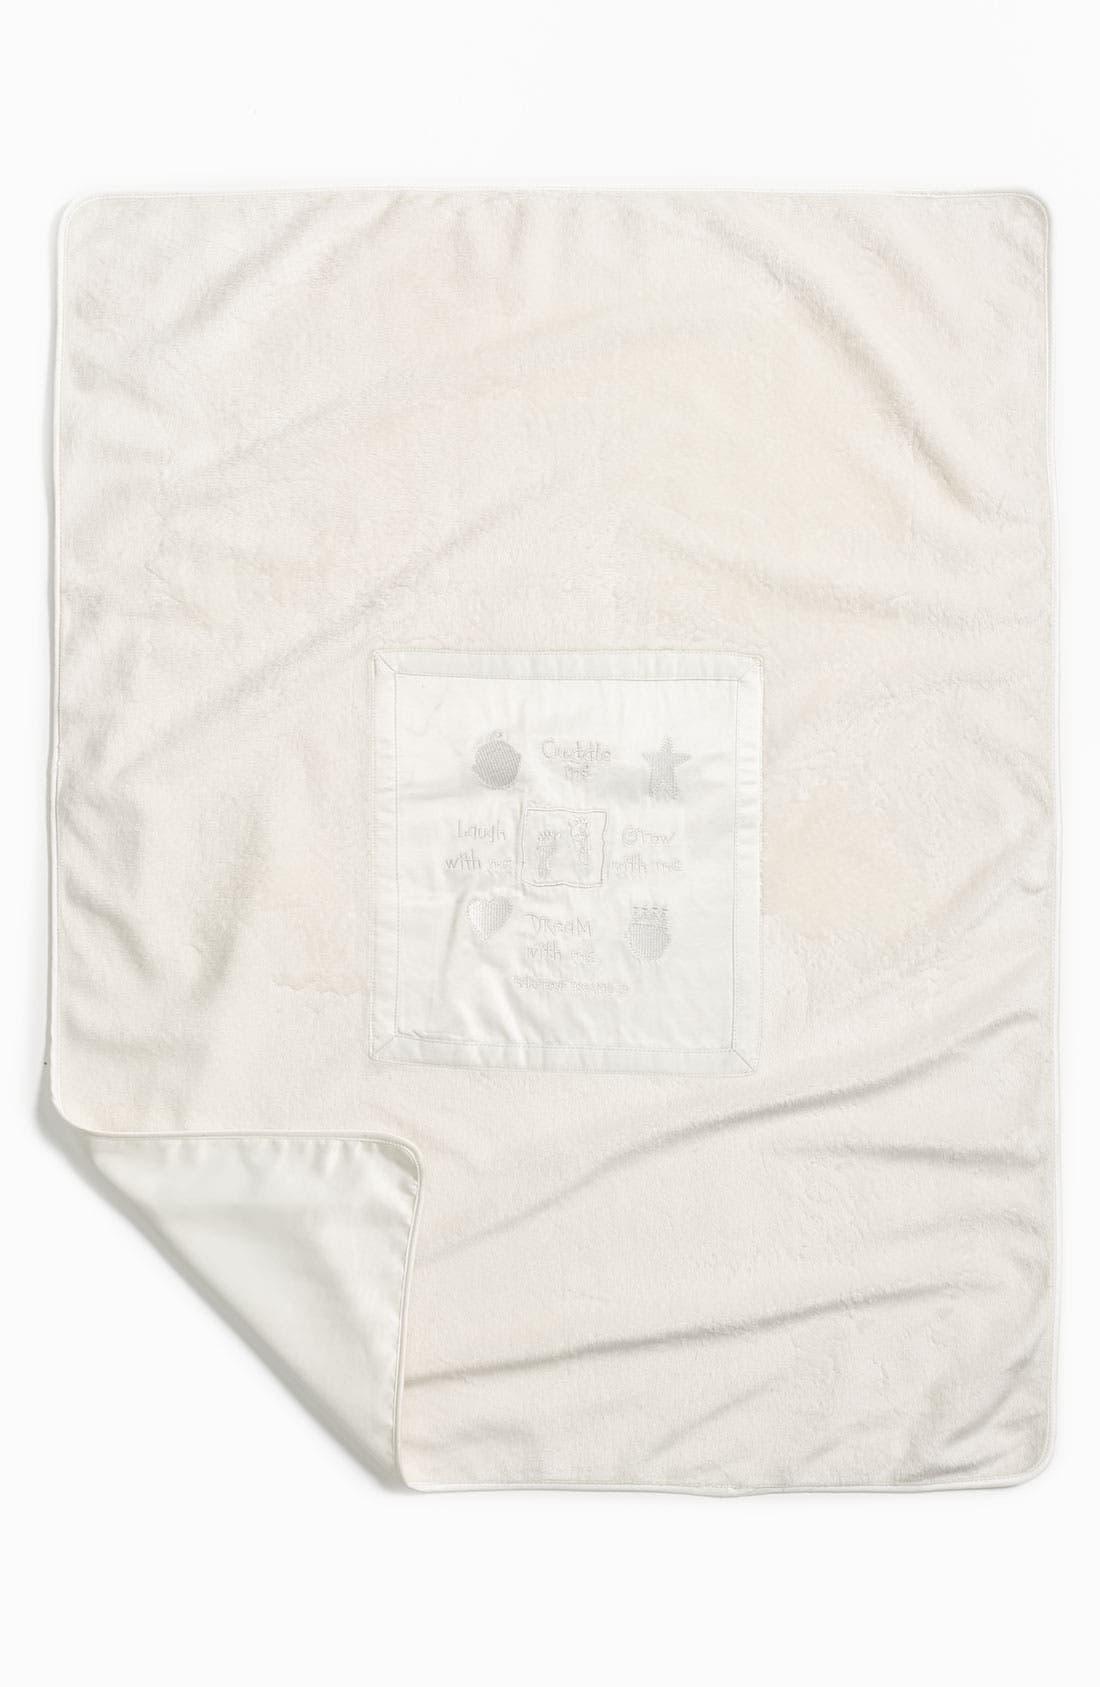 Signature Plush Blanket,                         Main,                         color, CREAM